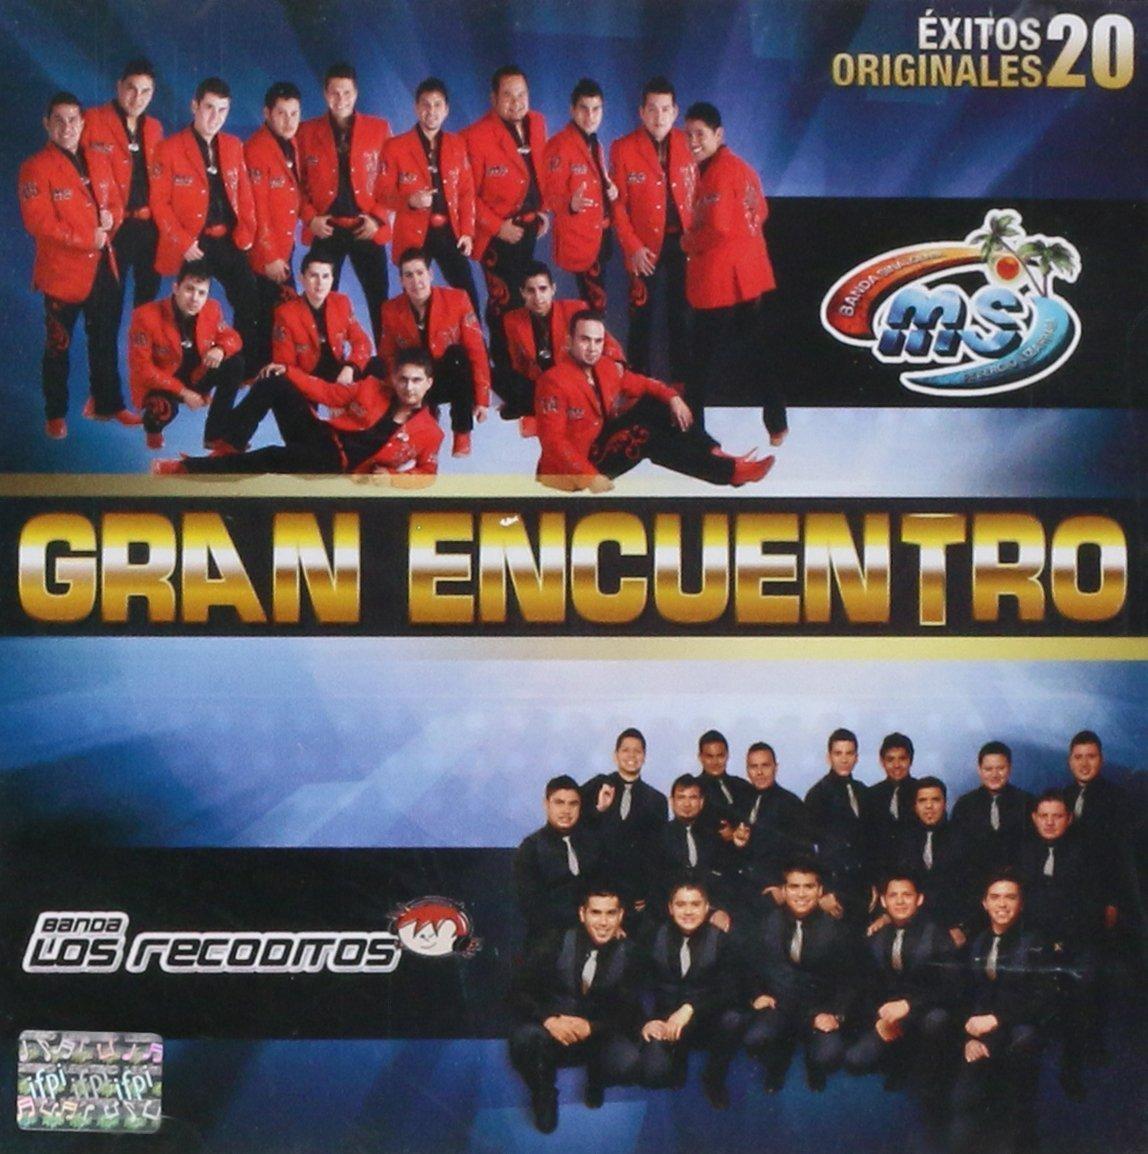 Banda MS - Banda Recoditos (Gran Encuentro 20 Exitos Originales Disa-563519) by Disa